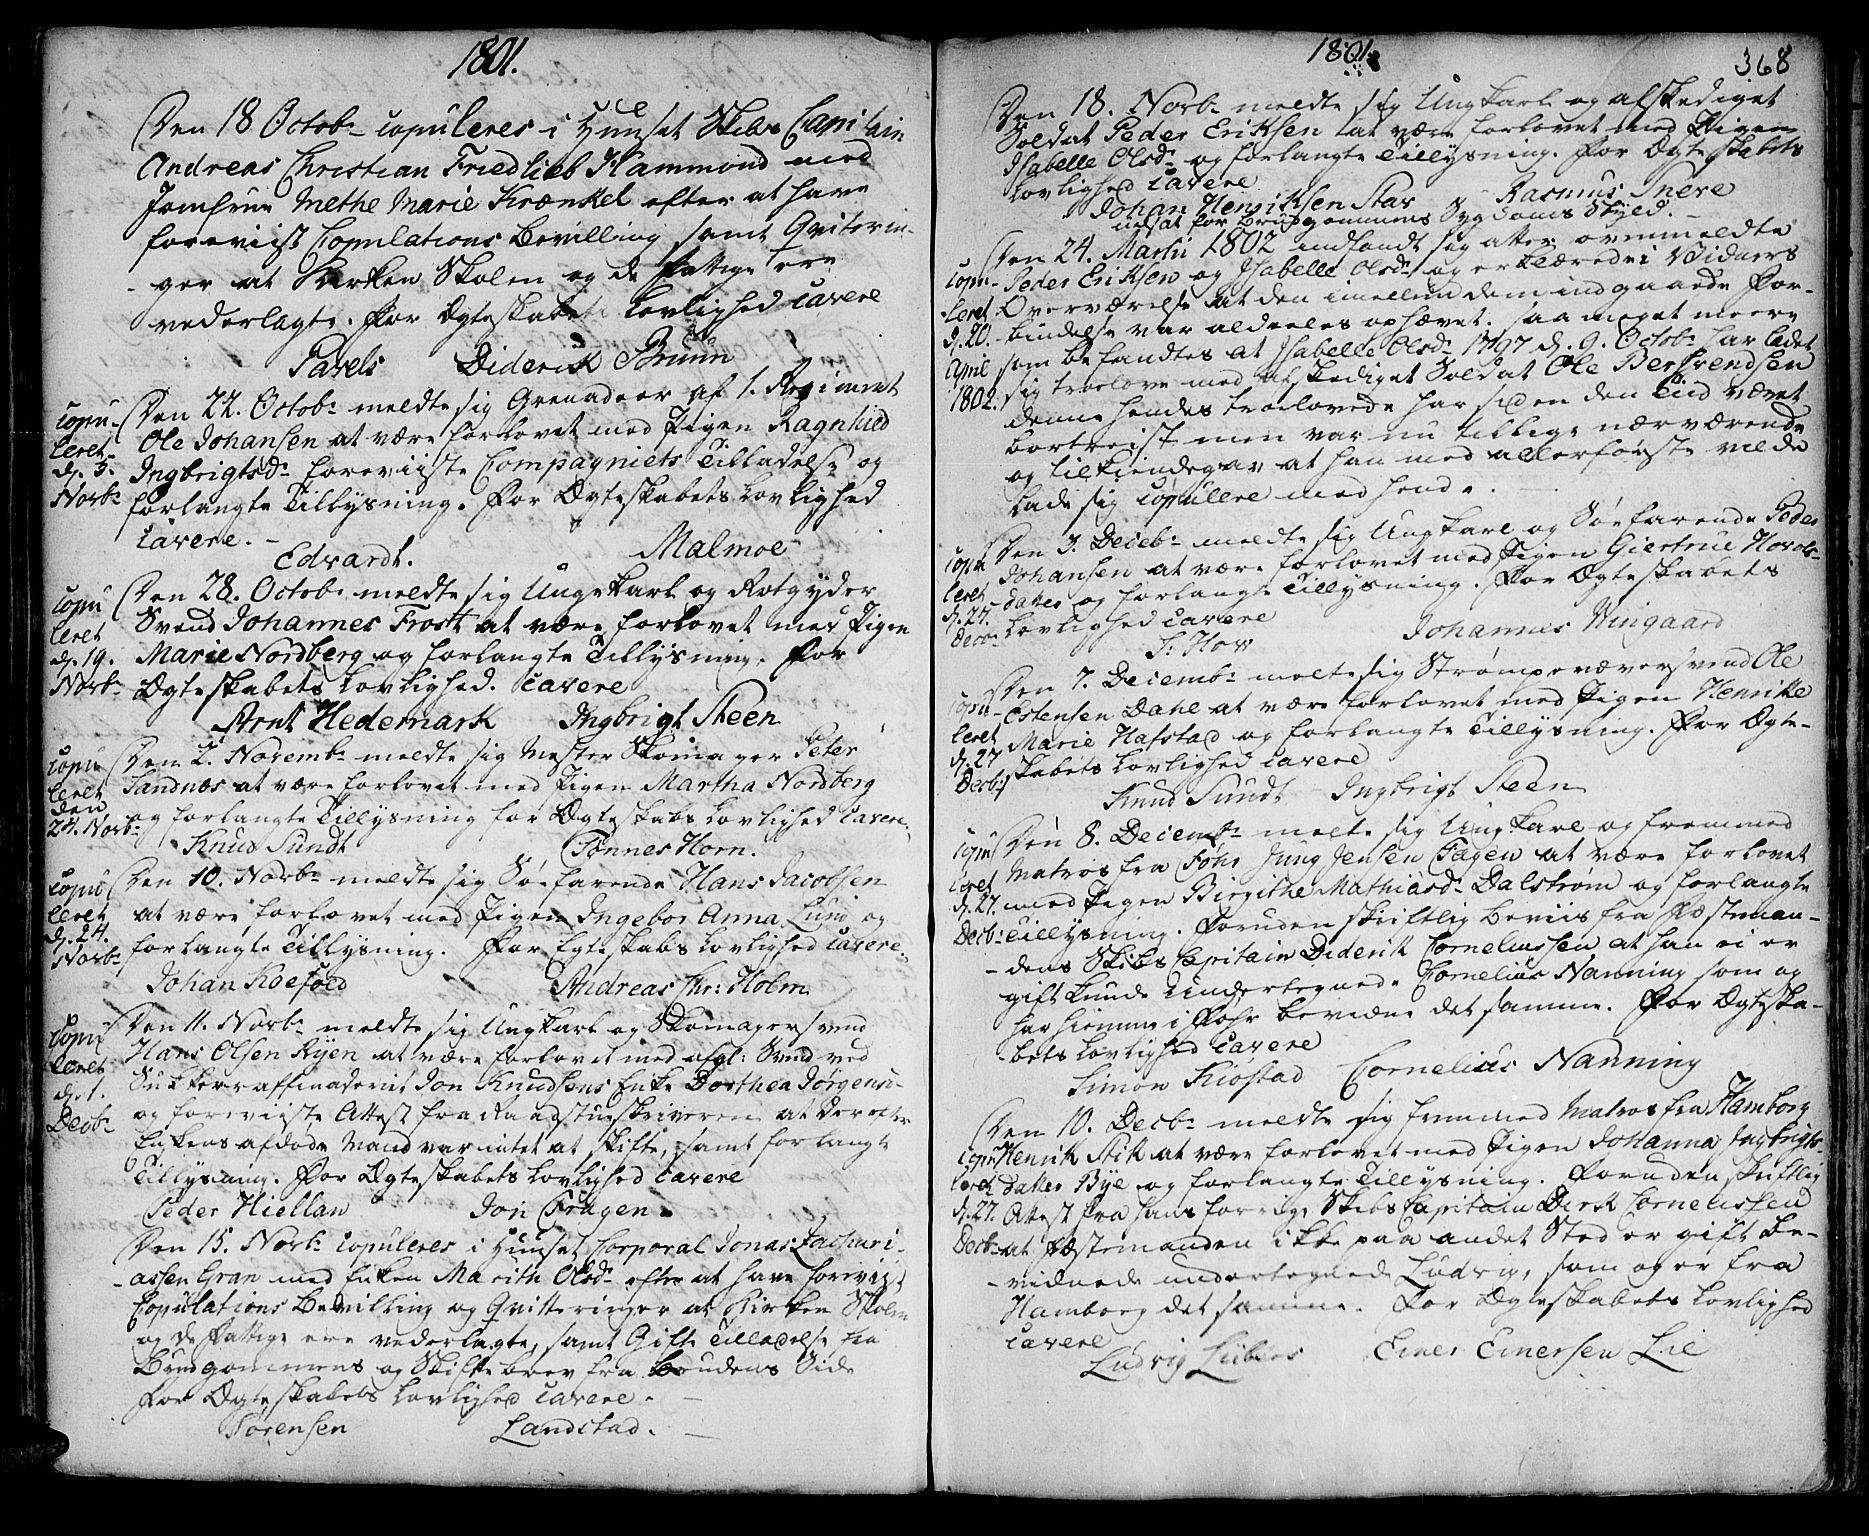 SAT, Ministerialprotokoller, klokkerbøker og fødselsregistre - Sør-Trøndelag, 601/L0038: Ministerialbok nr. 601A06, 1766-1877, s. 368